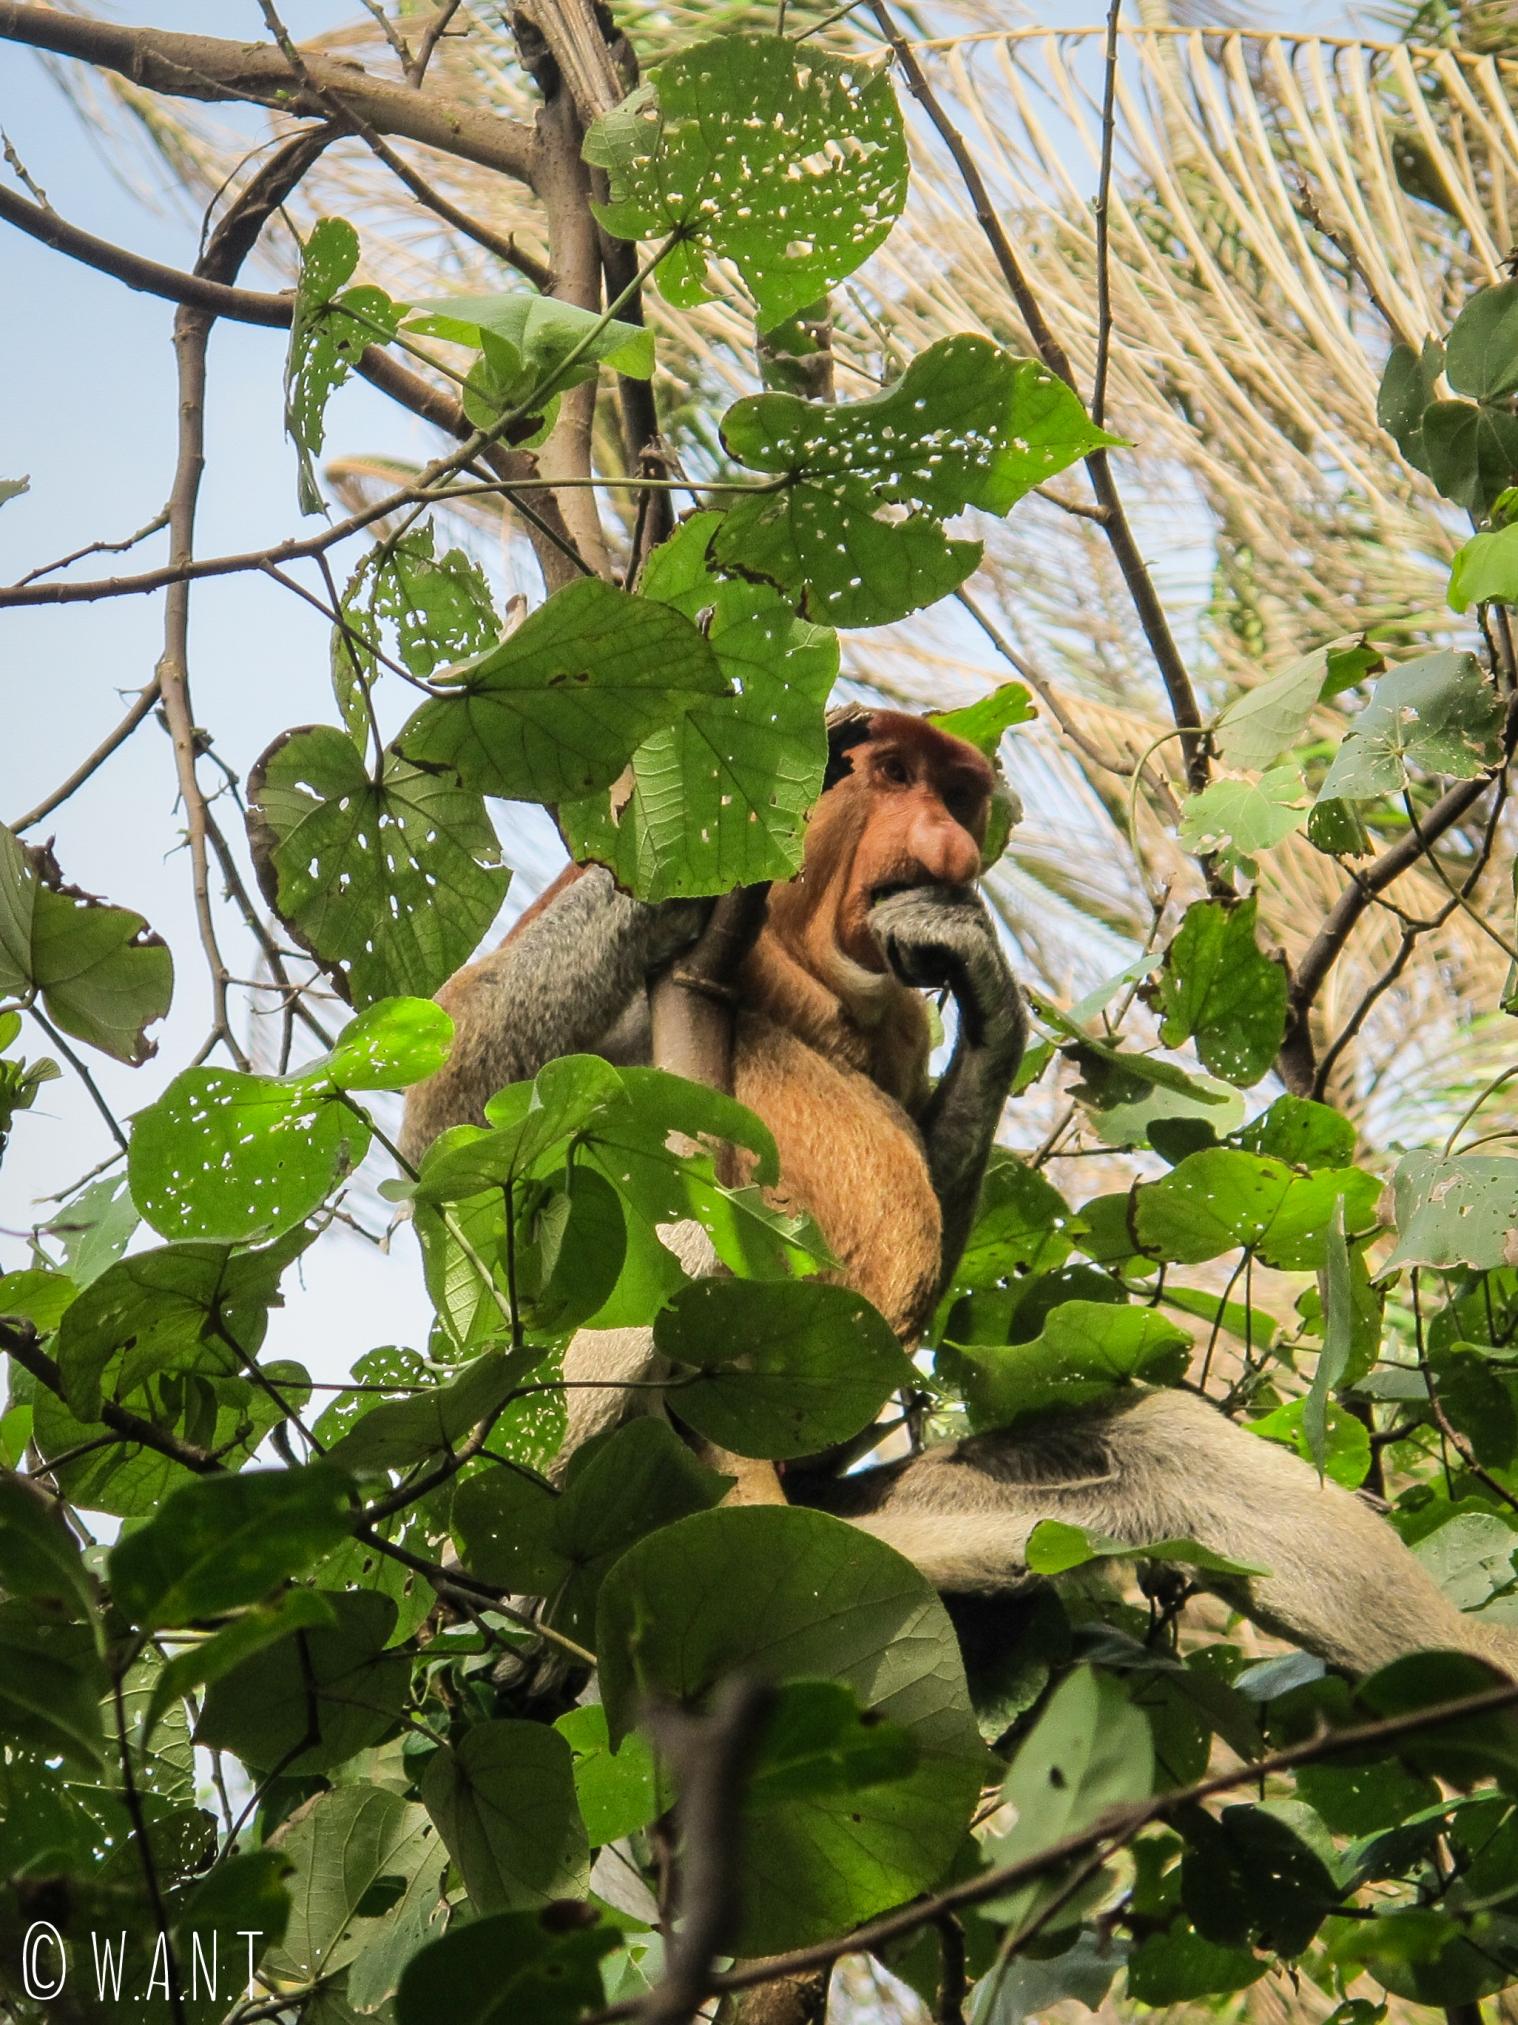 Portrait de l'un des singes nasiques du Bako National Park